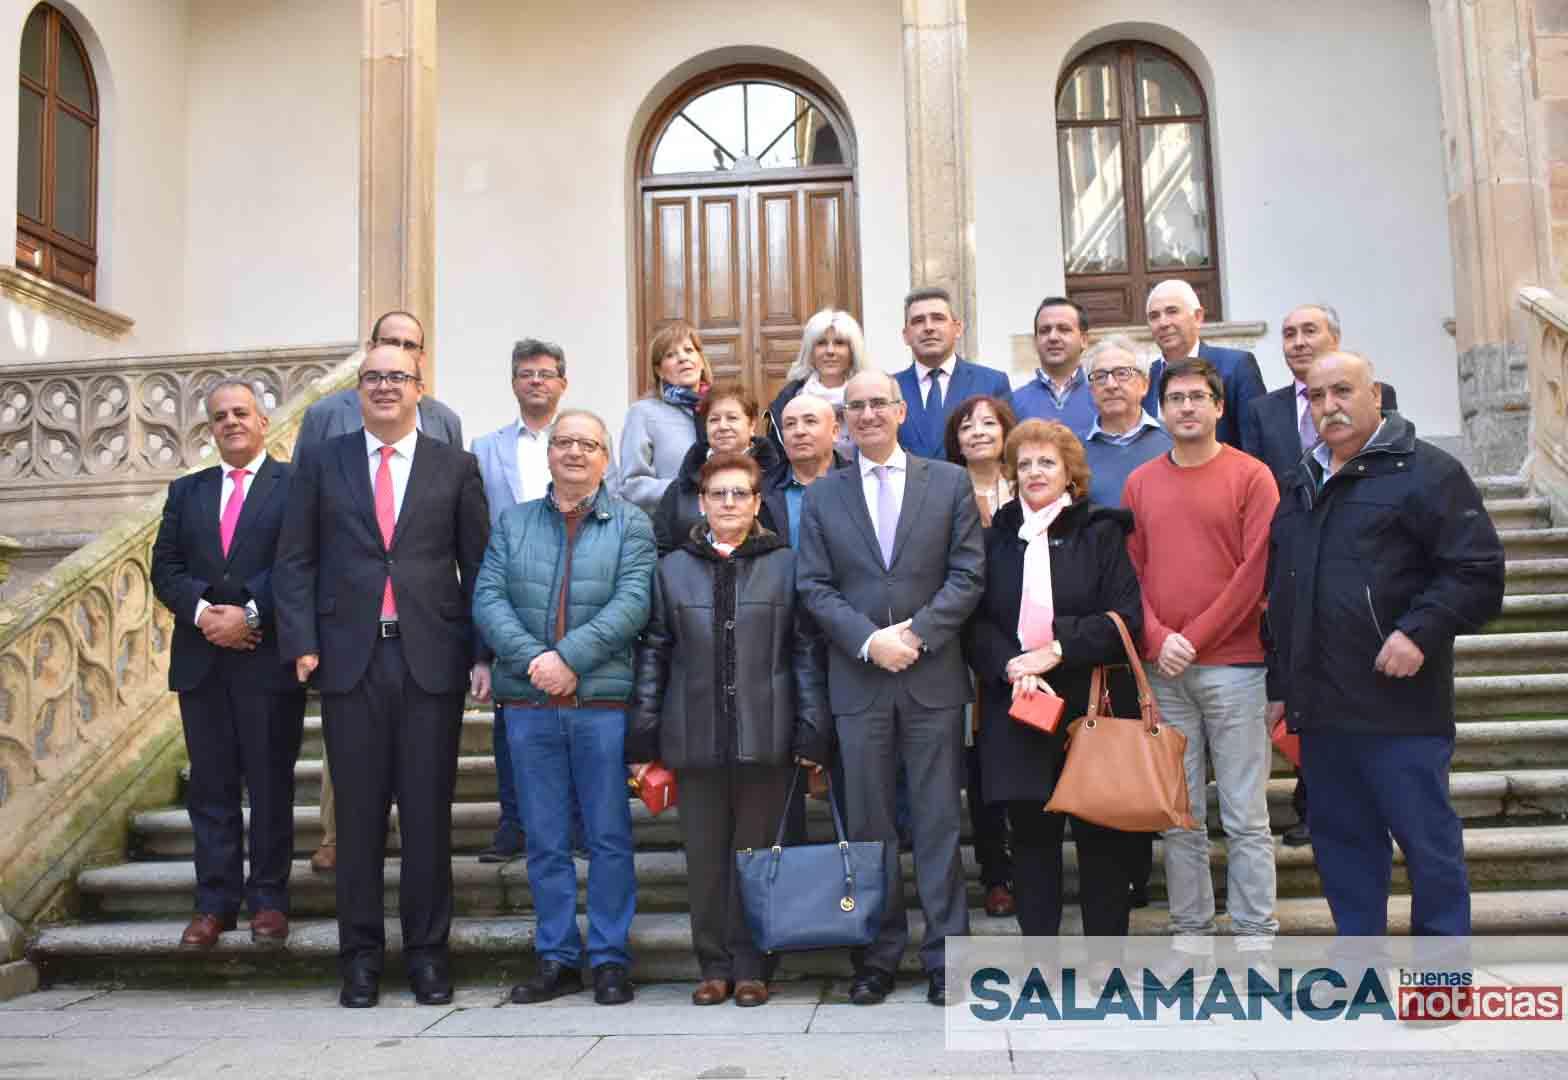 La Diputación rinde homenaje a los que han formado parte de la Institución y se jubilan este año